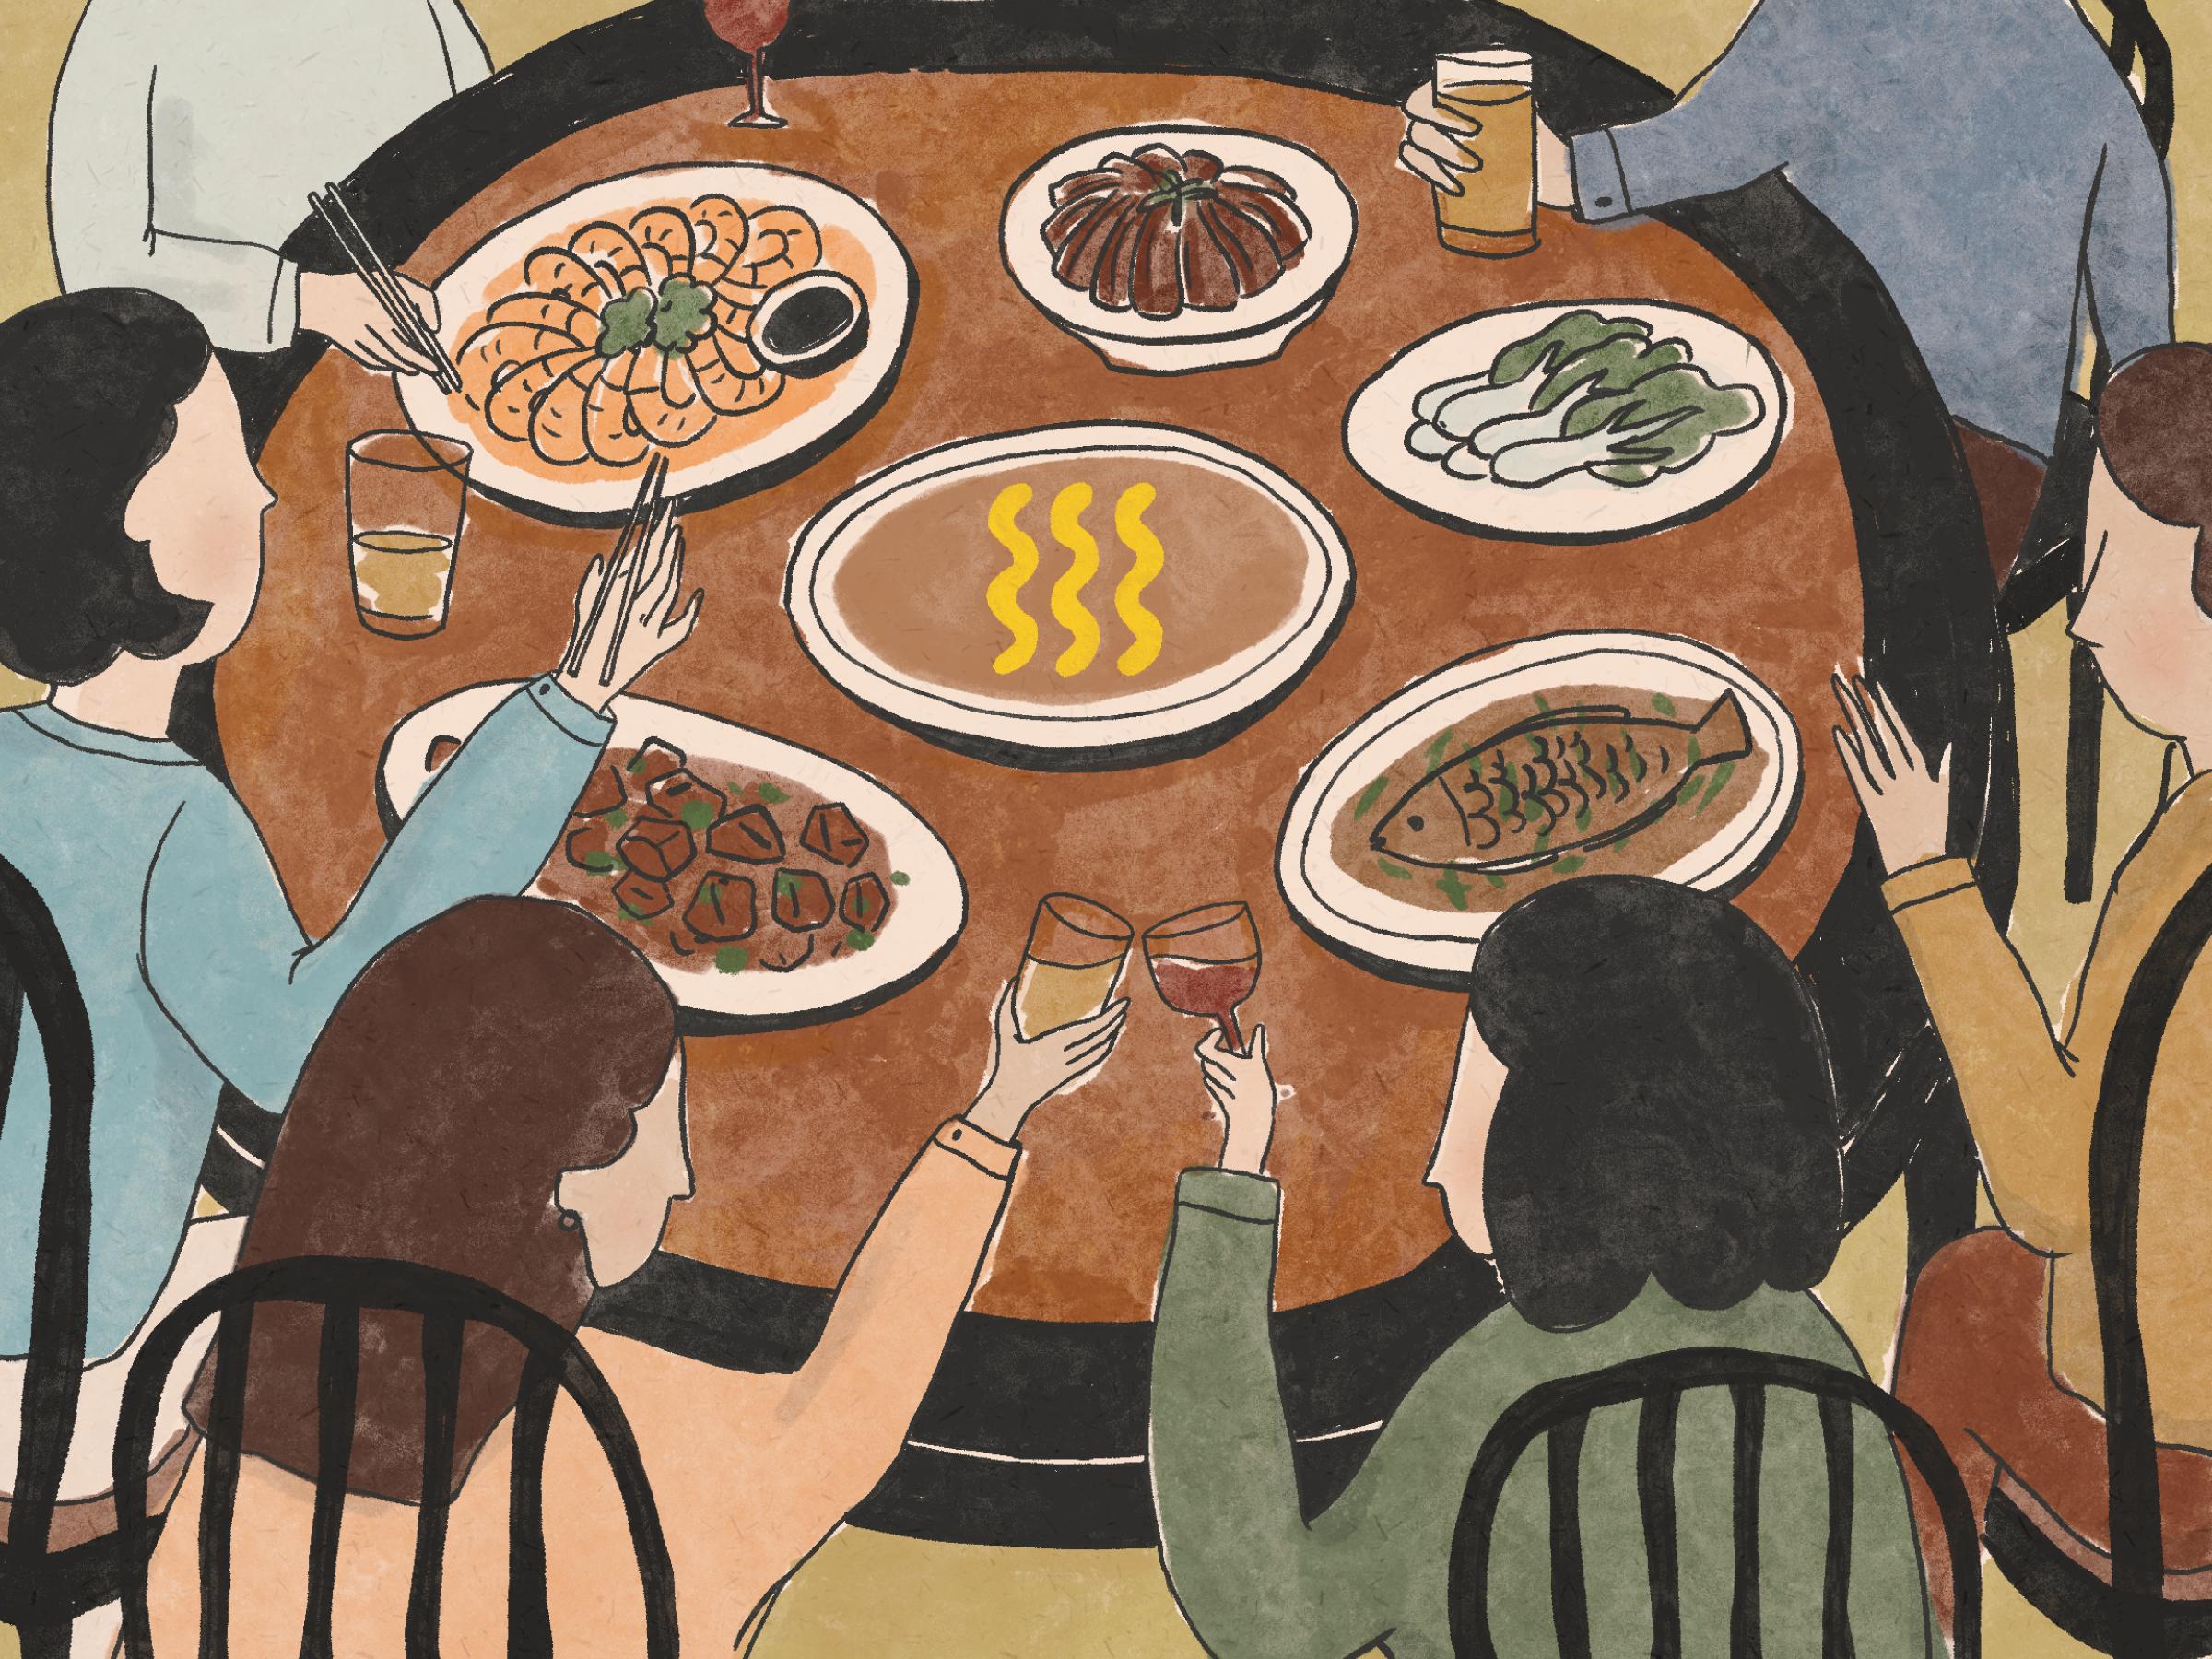 关于厨房故事中文平台停止更新公告